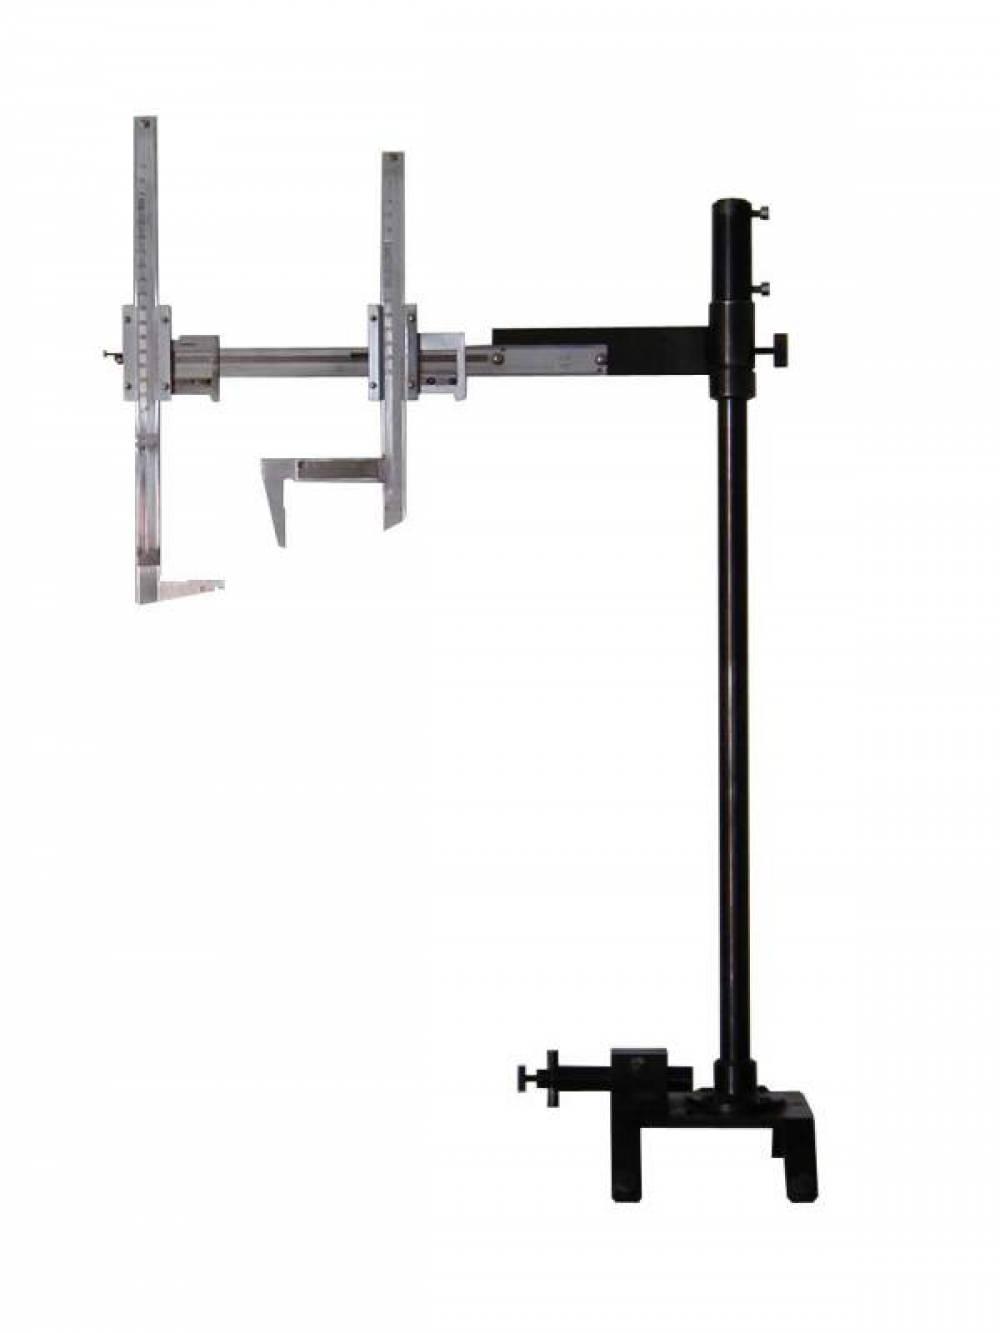 Стойка измерительная универсальные СИУ-Ш-410-530    (относительно шейки оси колесной пары тепловоза)